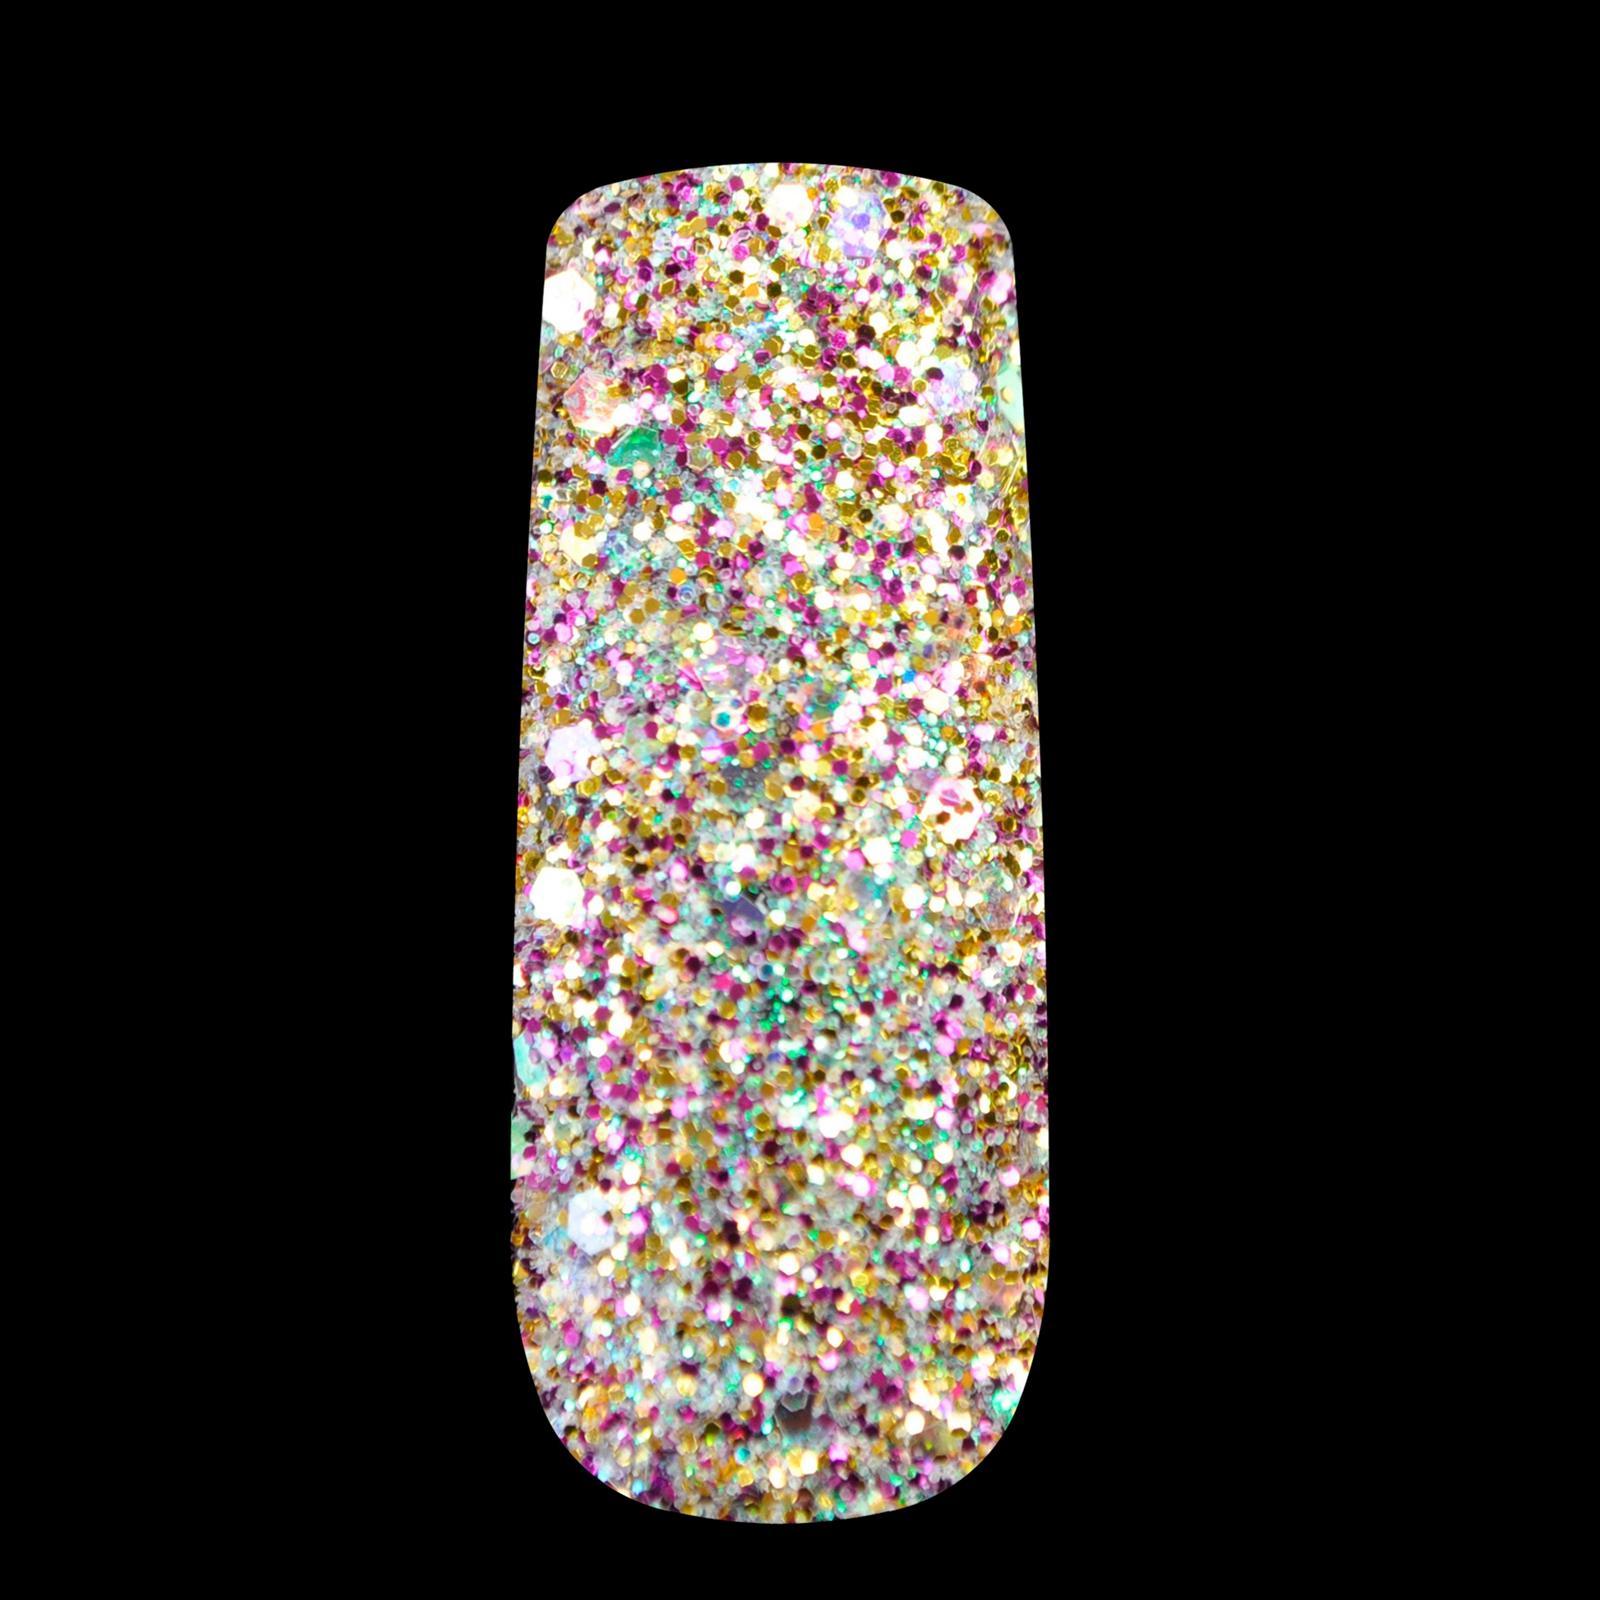 Wholesale Mix Size Glitter Nail Art Glitter Powder Brilliant Nail ...